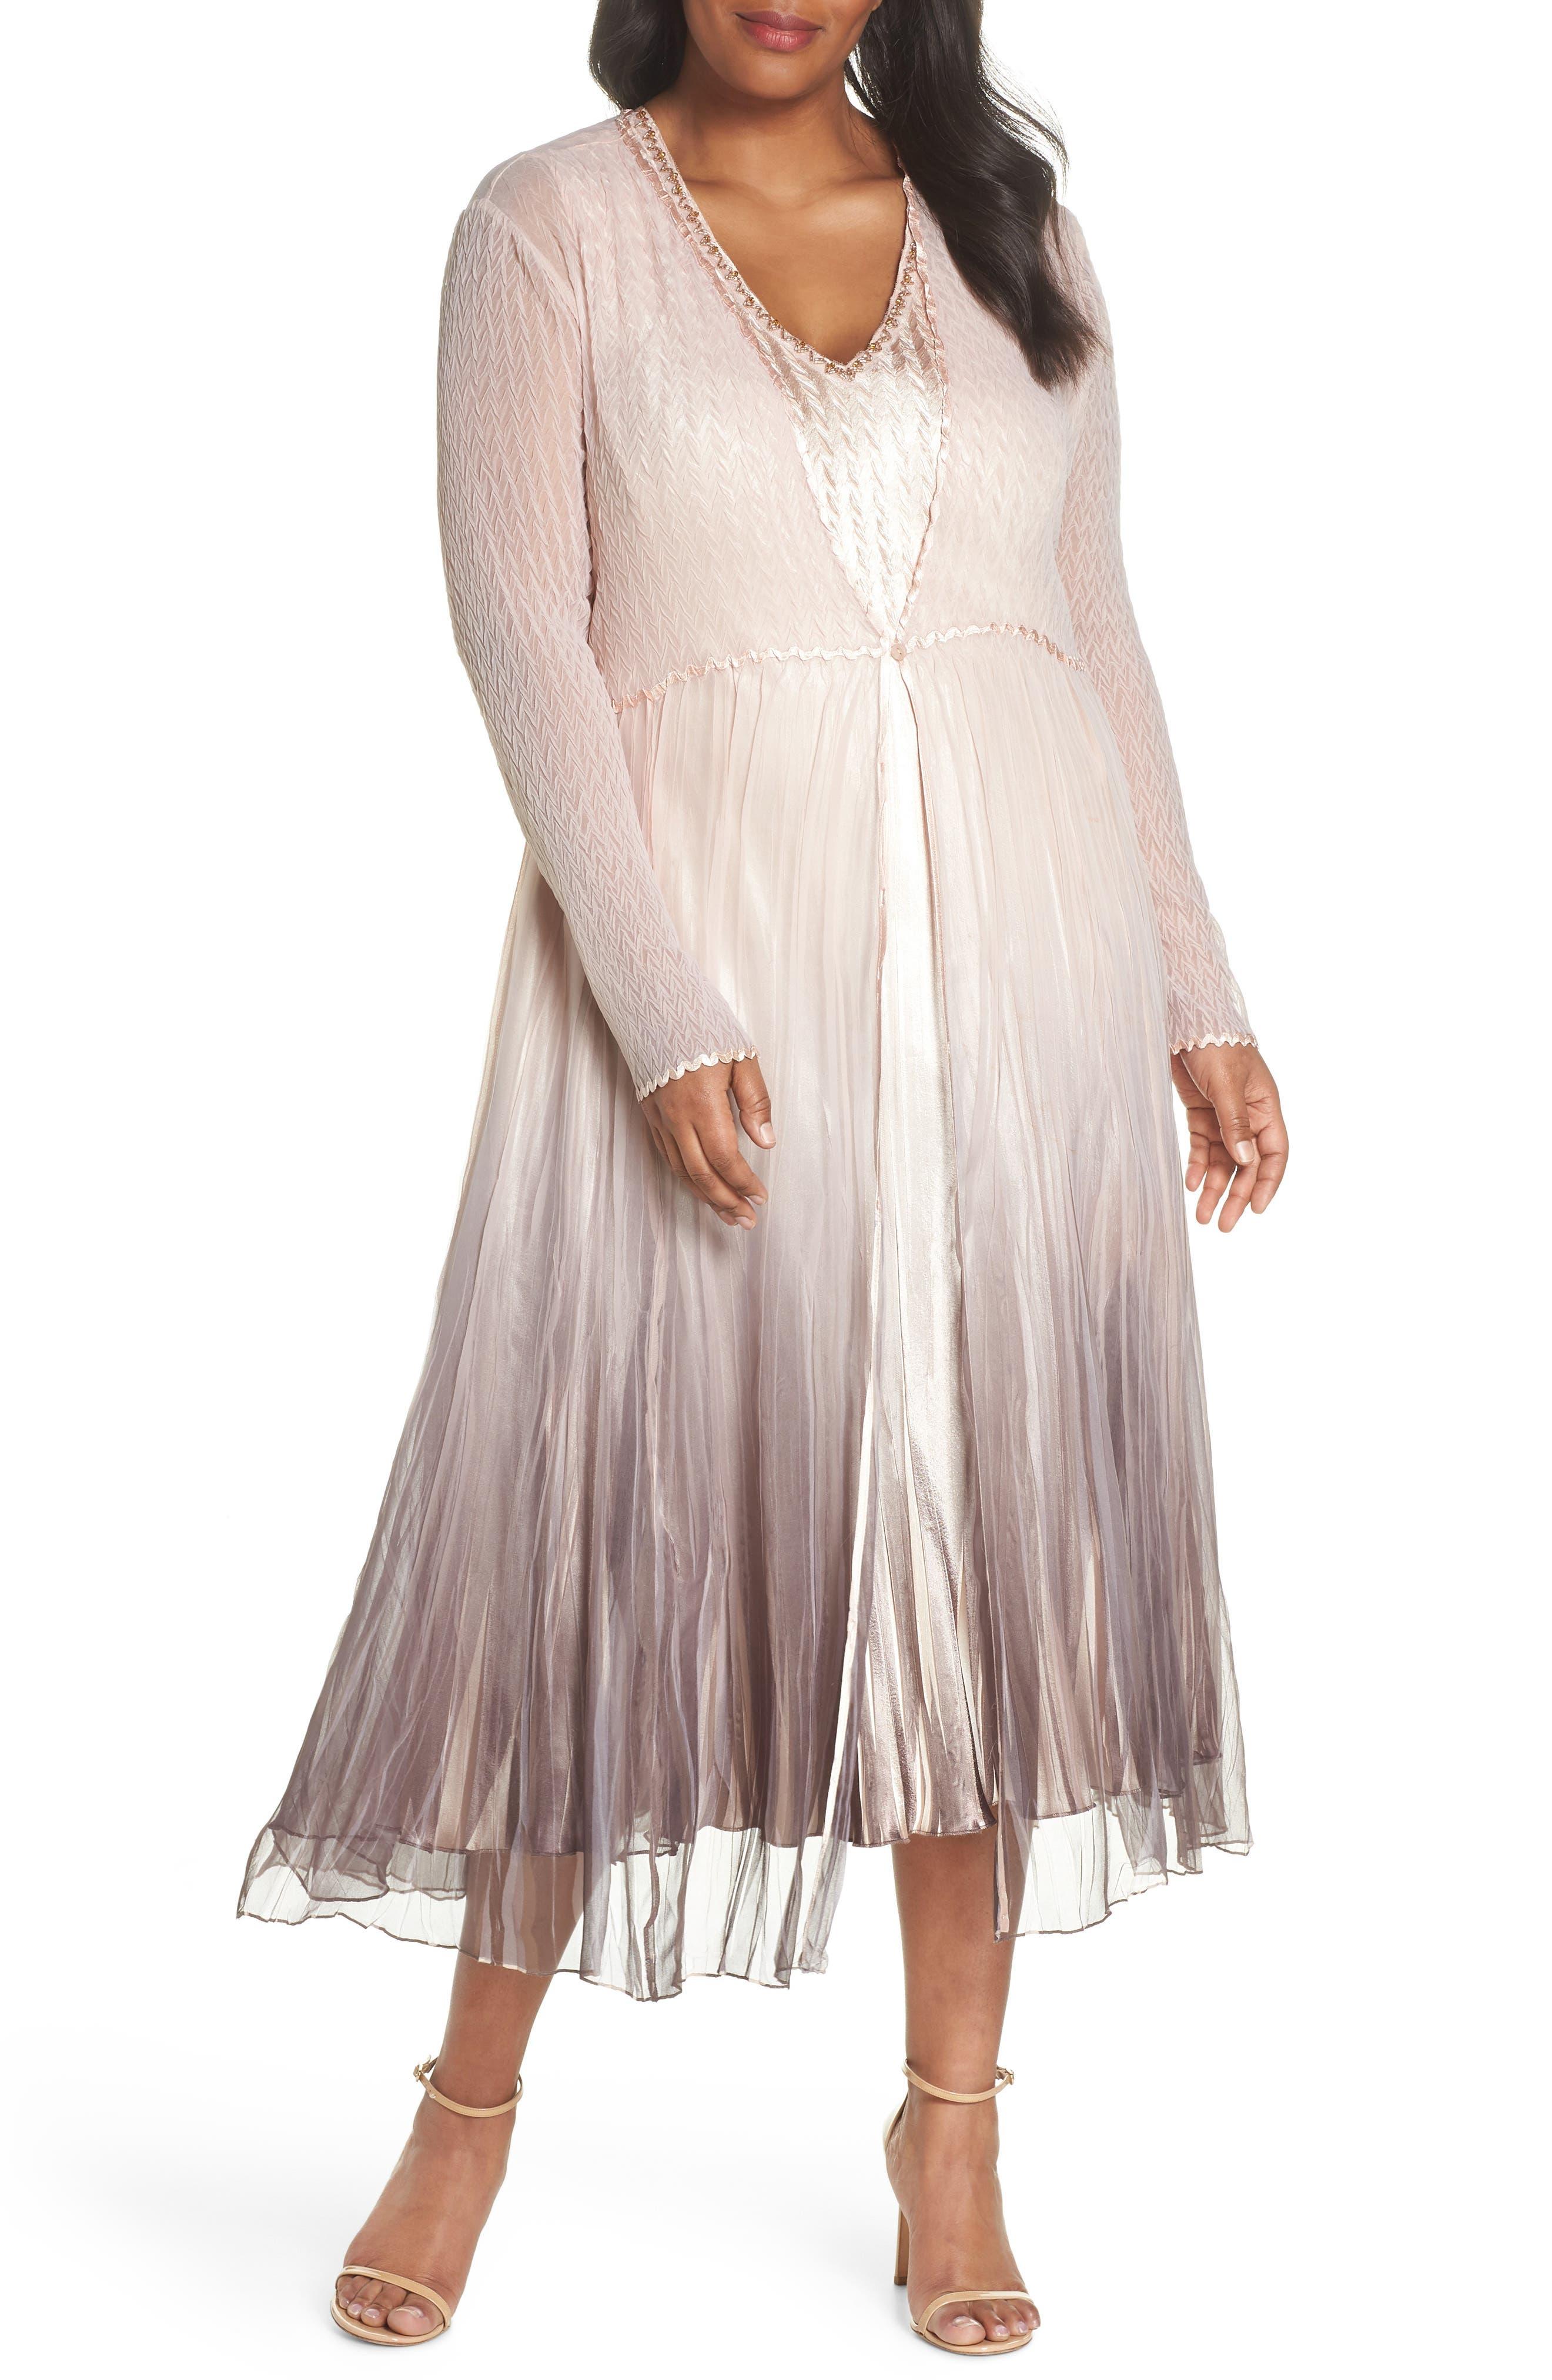 Komarov Beaded Neck Charmeuse Dress & Jacket (Plus Size)